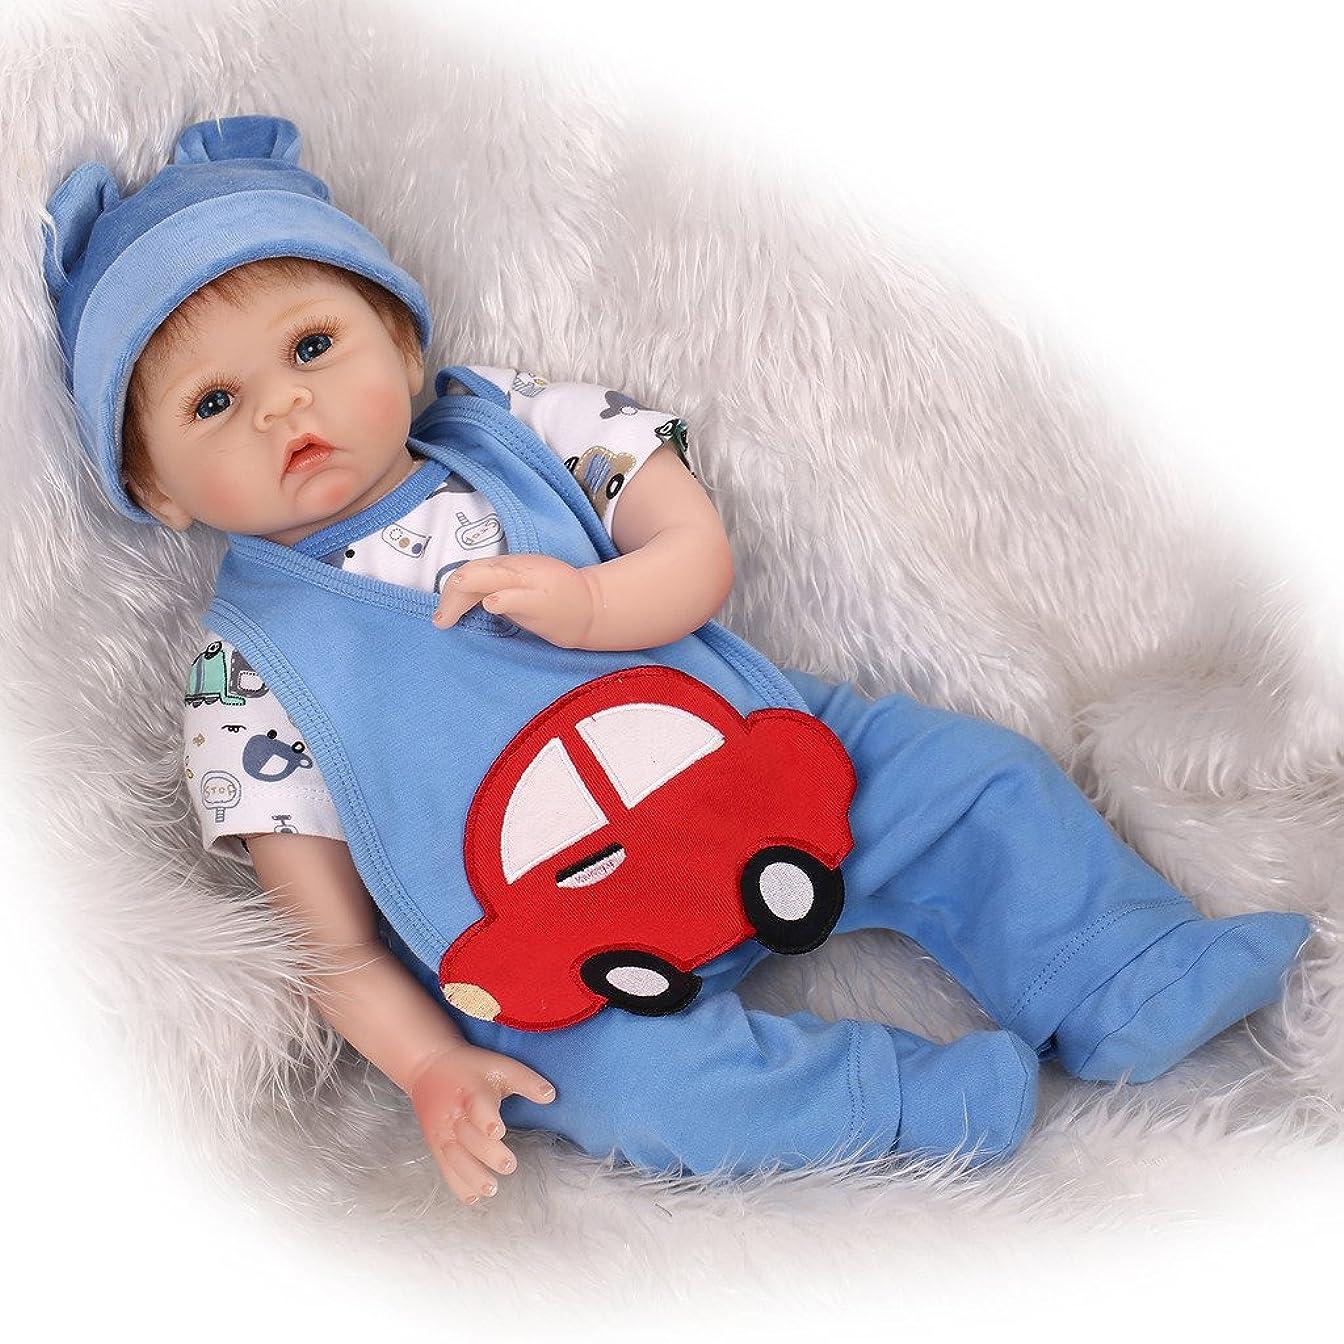 持ってる運営粘り強いNicery 生まれ変わった赤ちゃん人形ソフトシミュレーションシリコンビニール22インチ55cm磁気口生きているような少年少女おもちゃギフト Reborn Baby Doll RD55C137